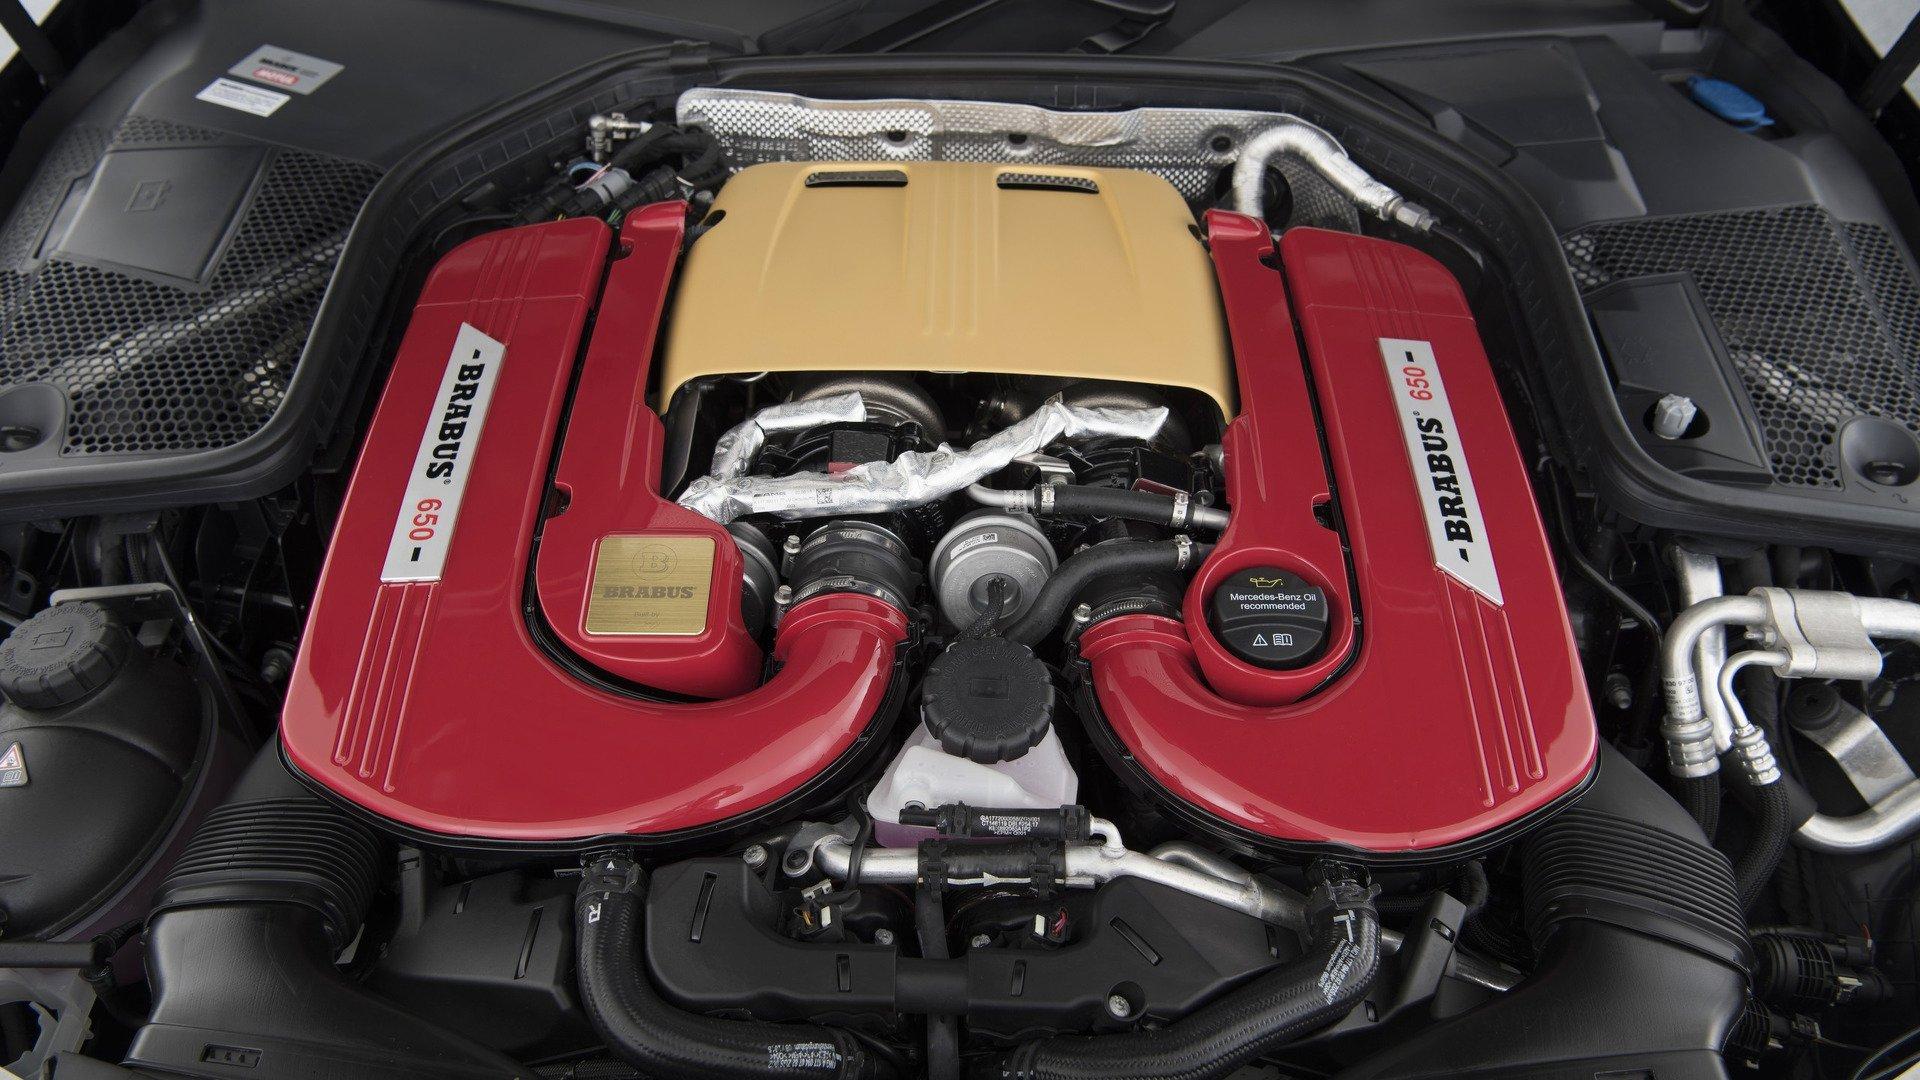 Brabus 650 Mercedes-AMG C63 S Cabriolet